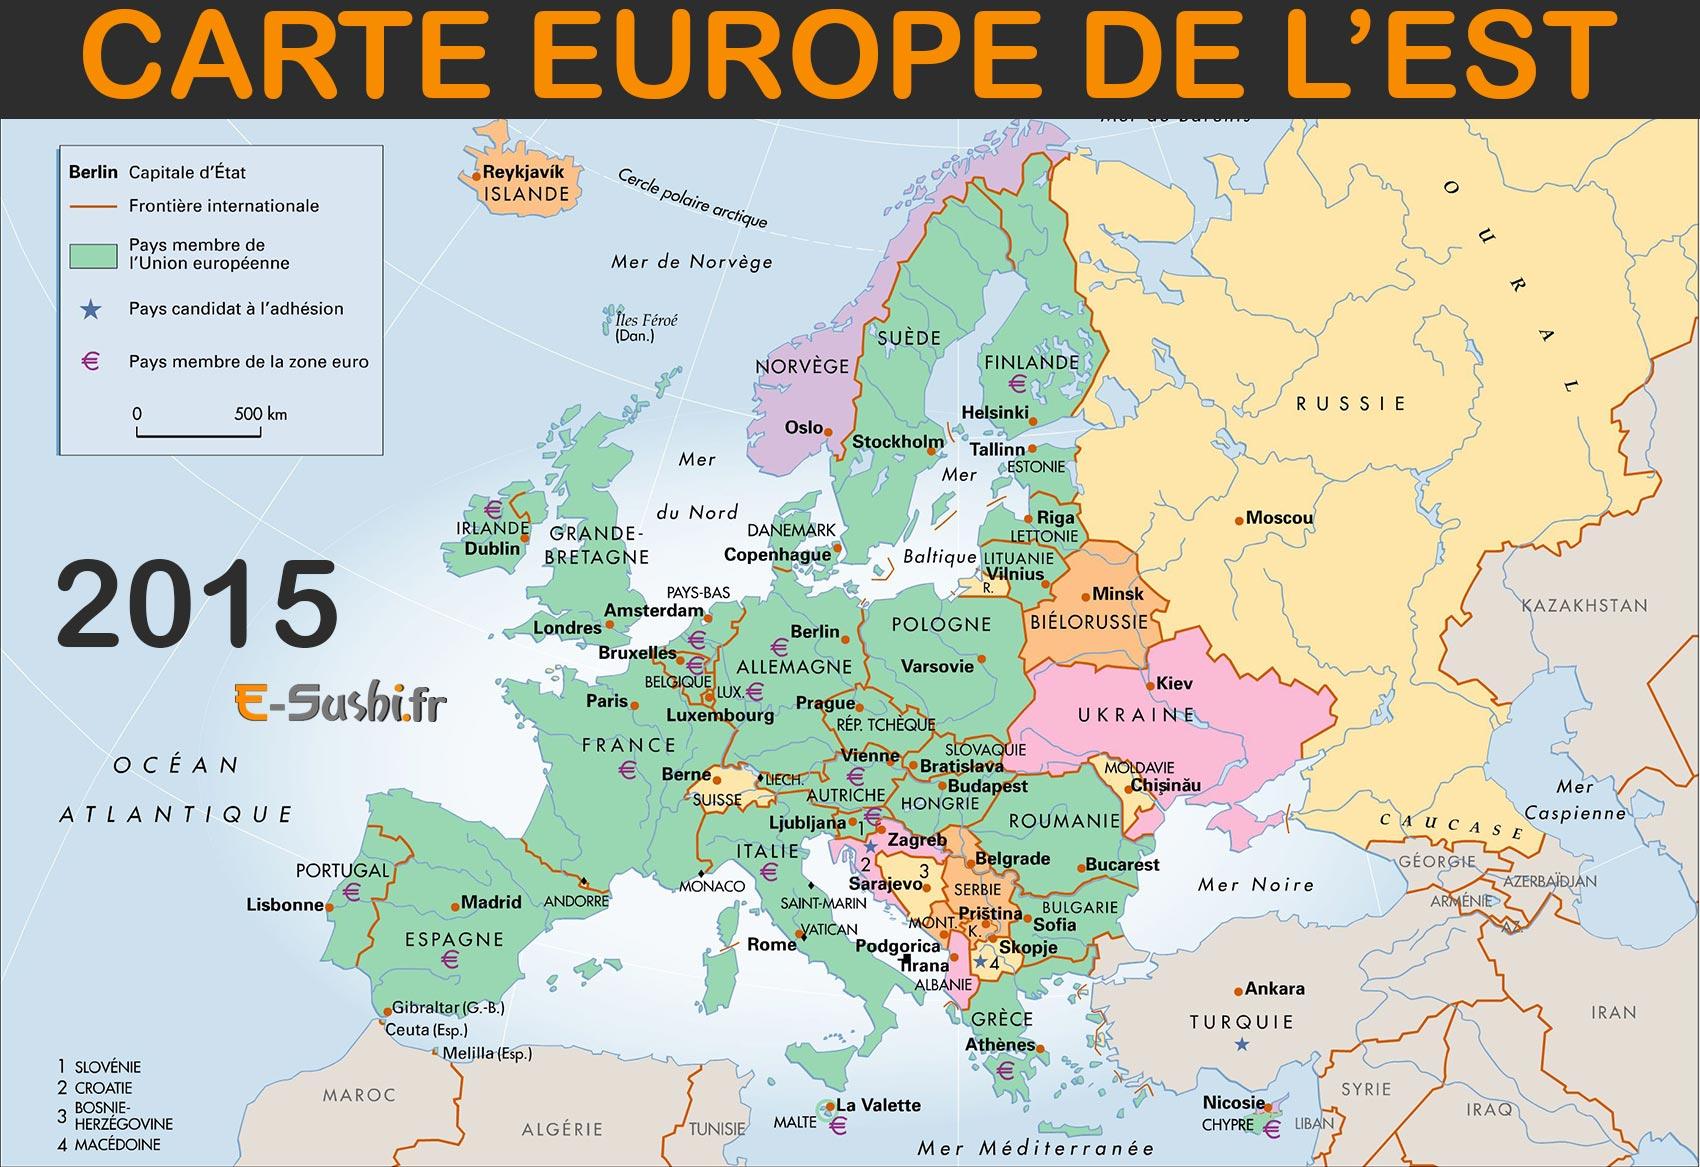 Carte Europe De L'est - Images Et Photos - Arts Et Voyages dedans Carte De L Europe Avec Pays